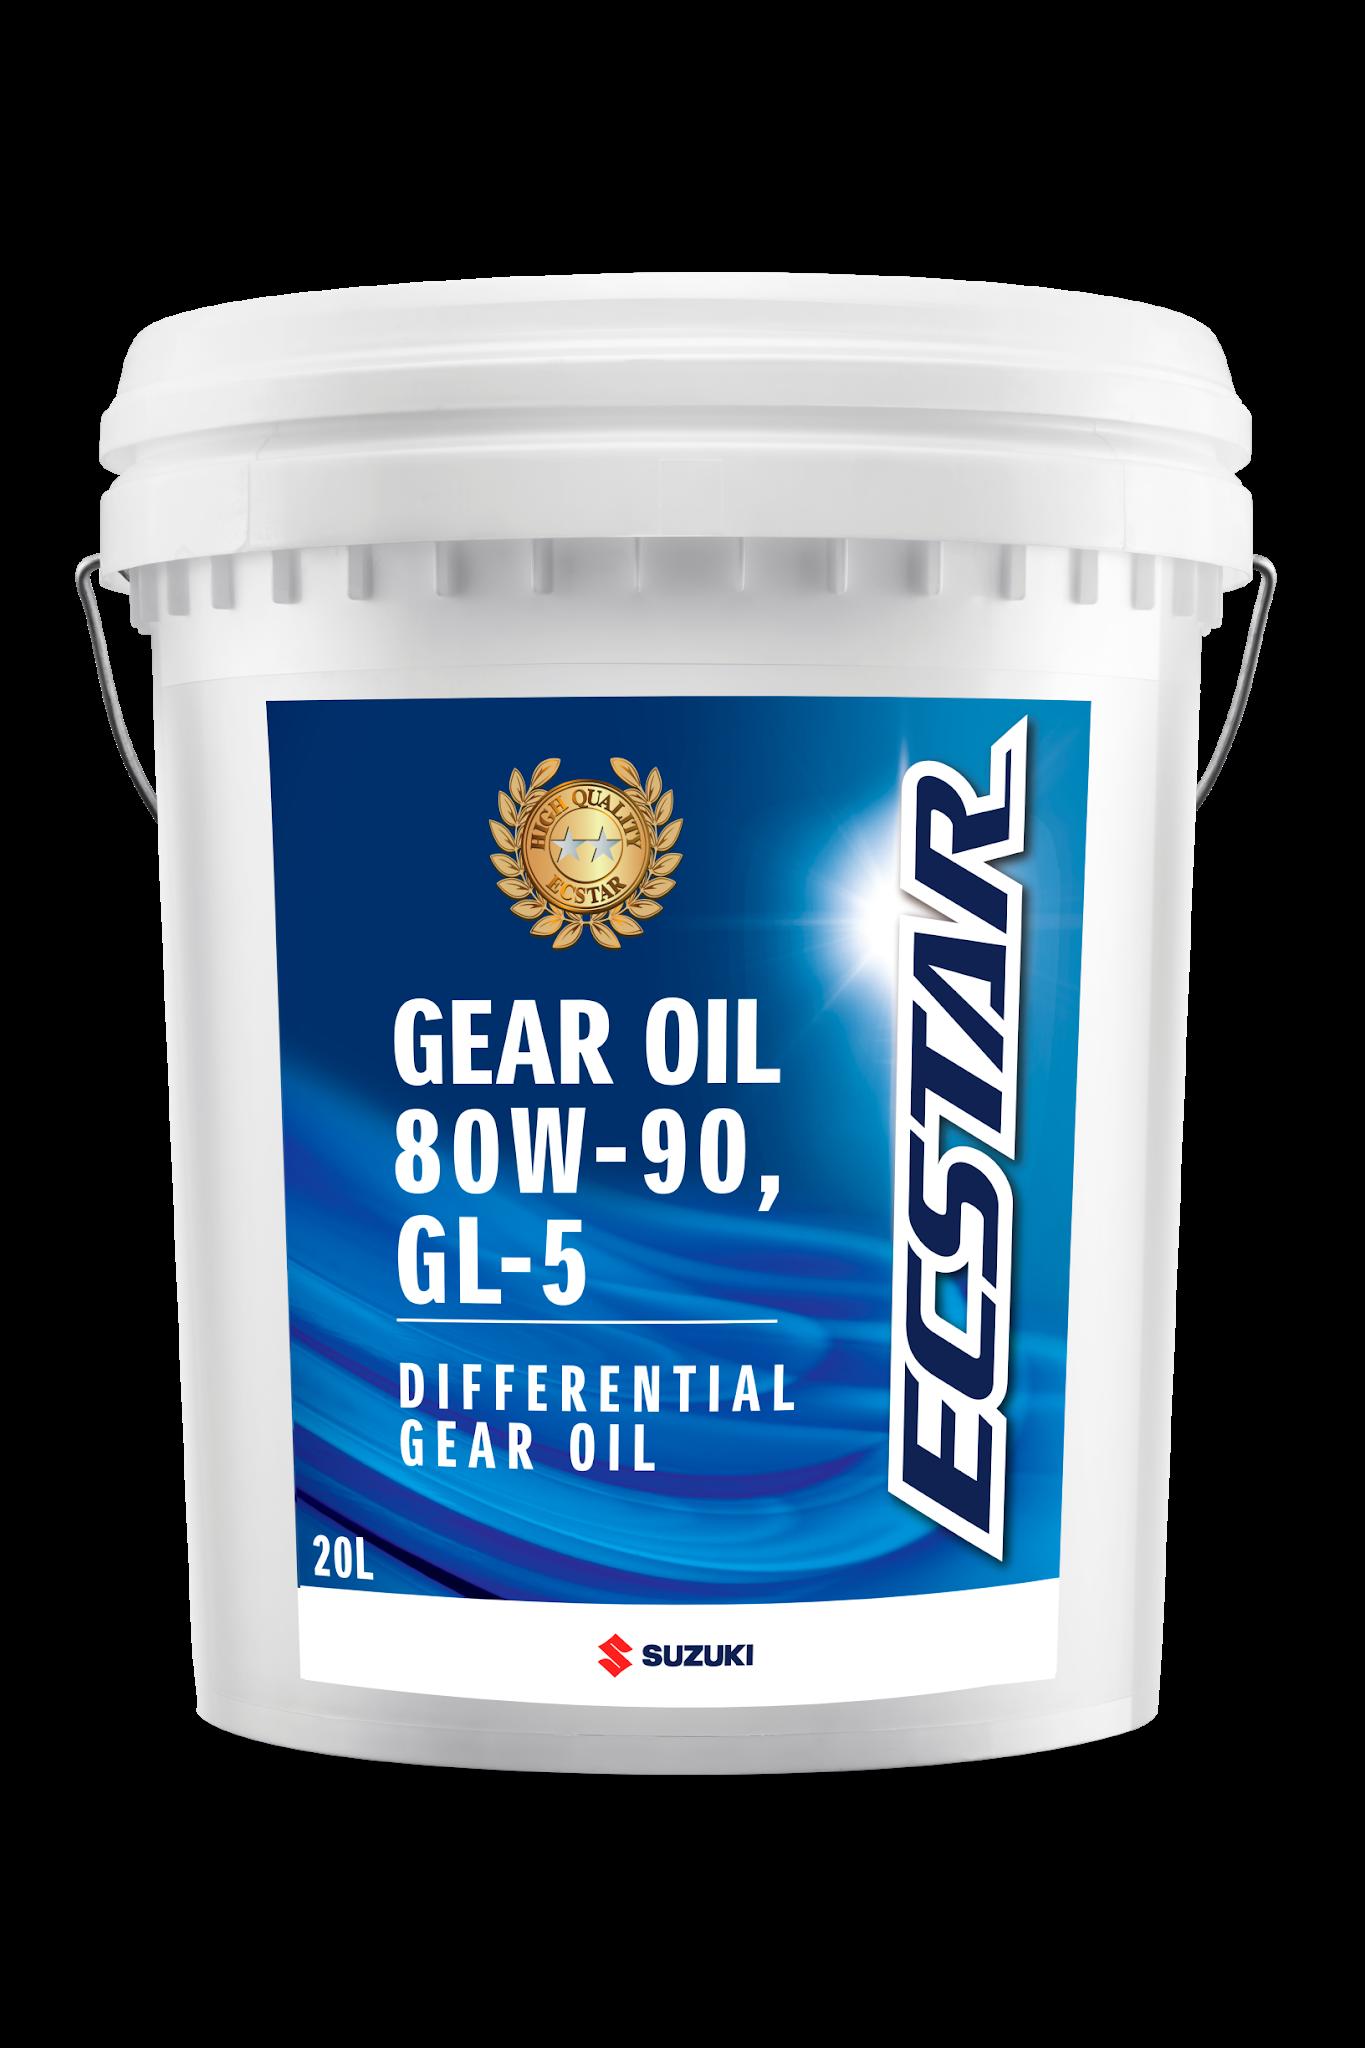 Suzuki Hadirkan Rangkaian Gear Oil Ecstar Terbaru